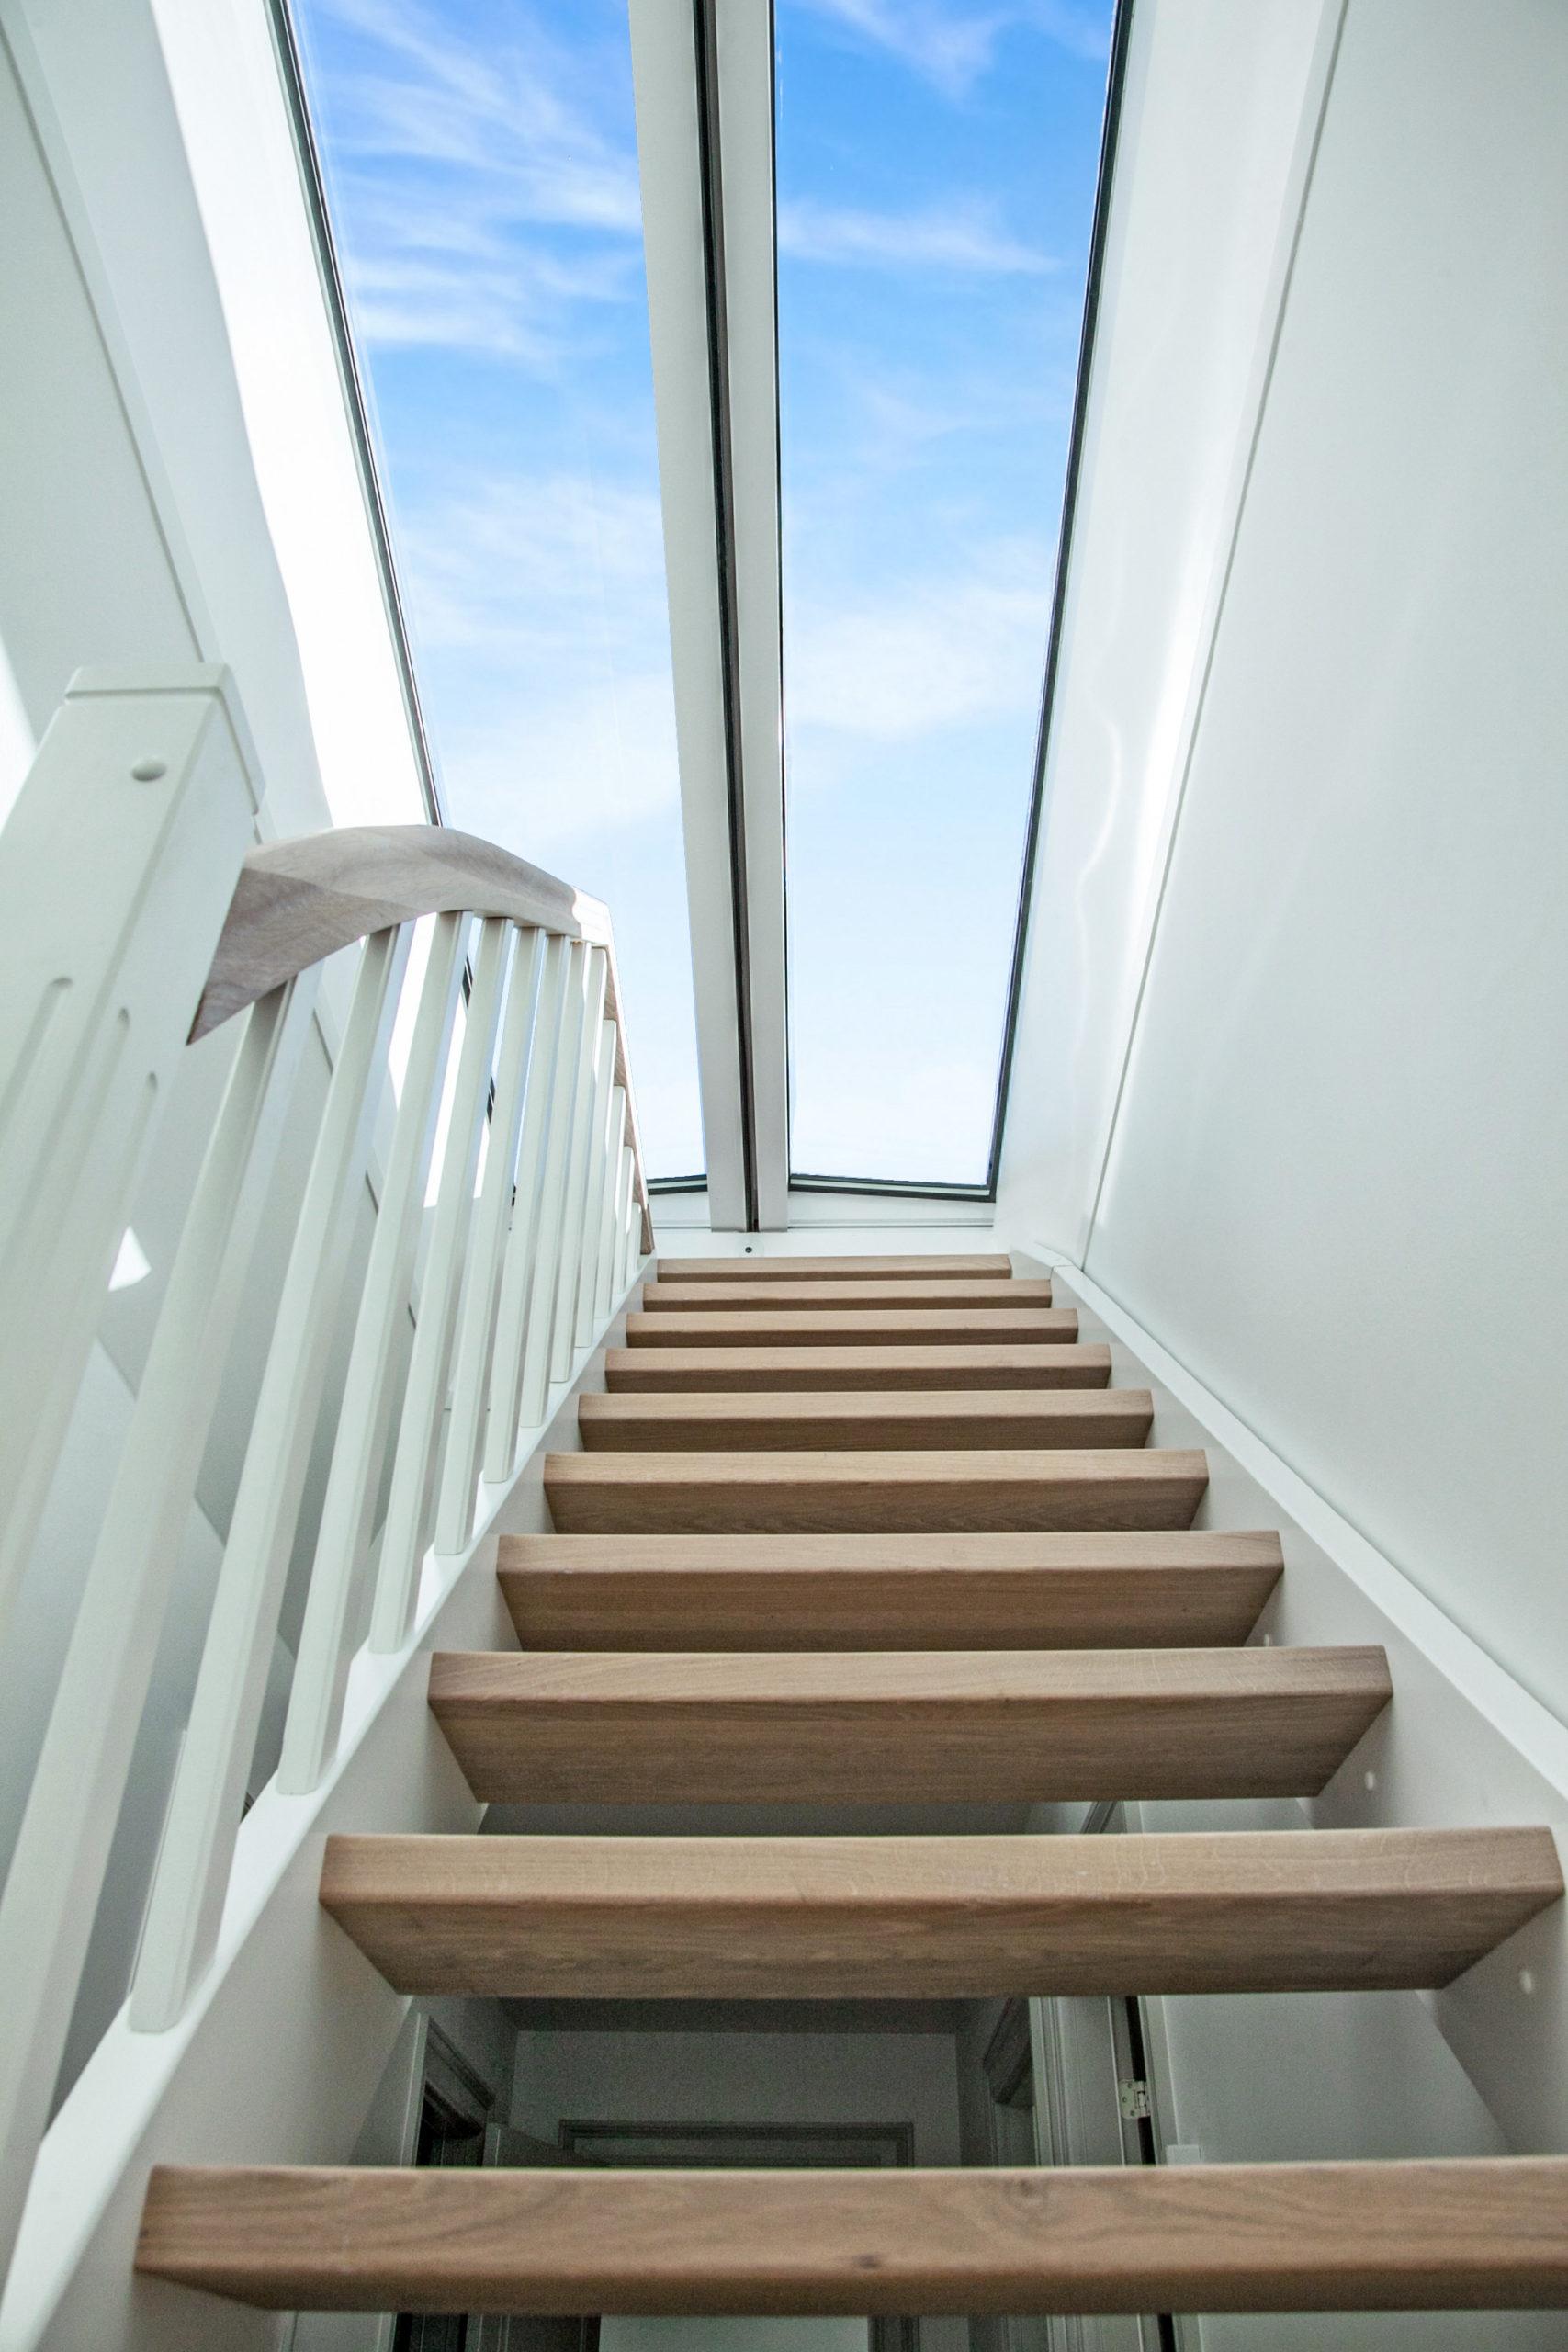 Rosenvænget stairs